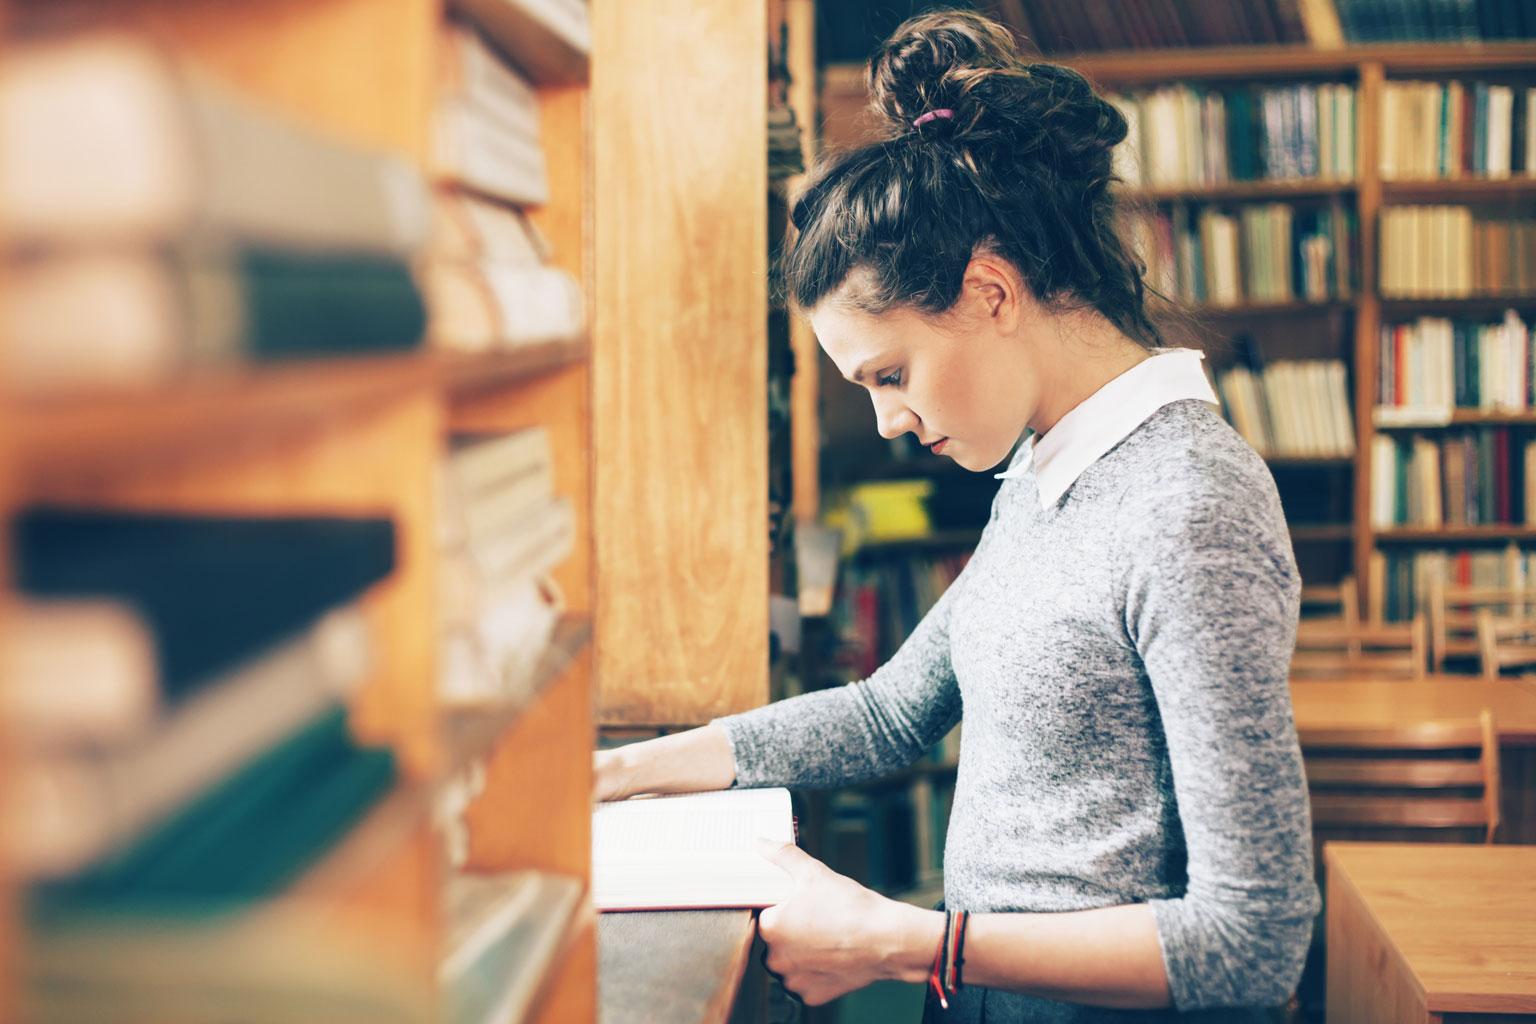 Studentka szkoły wyższej przegląda książkę w bibliotece